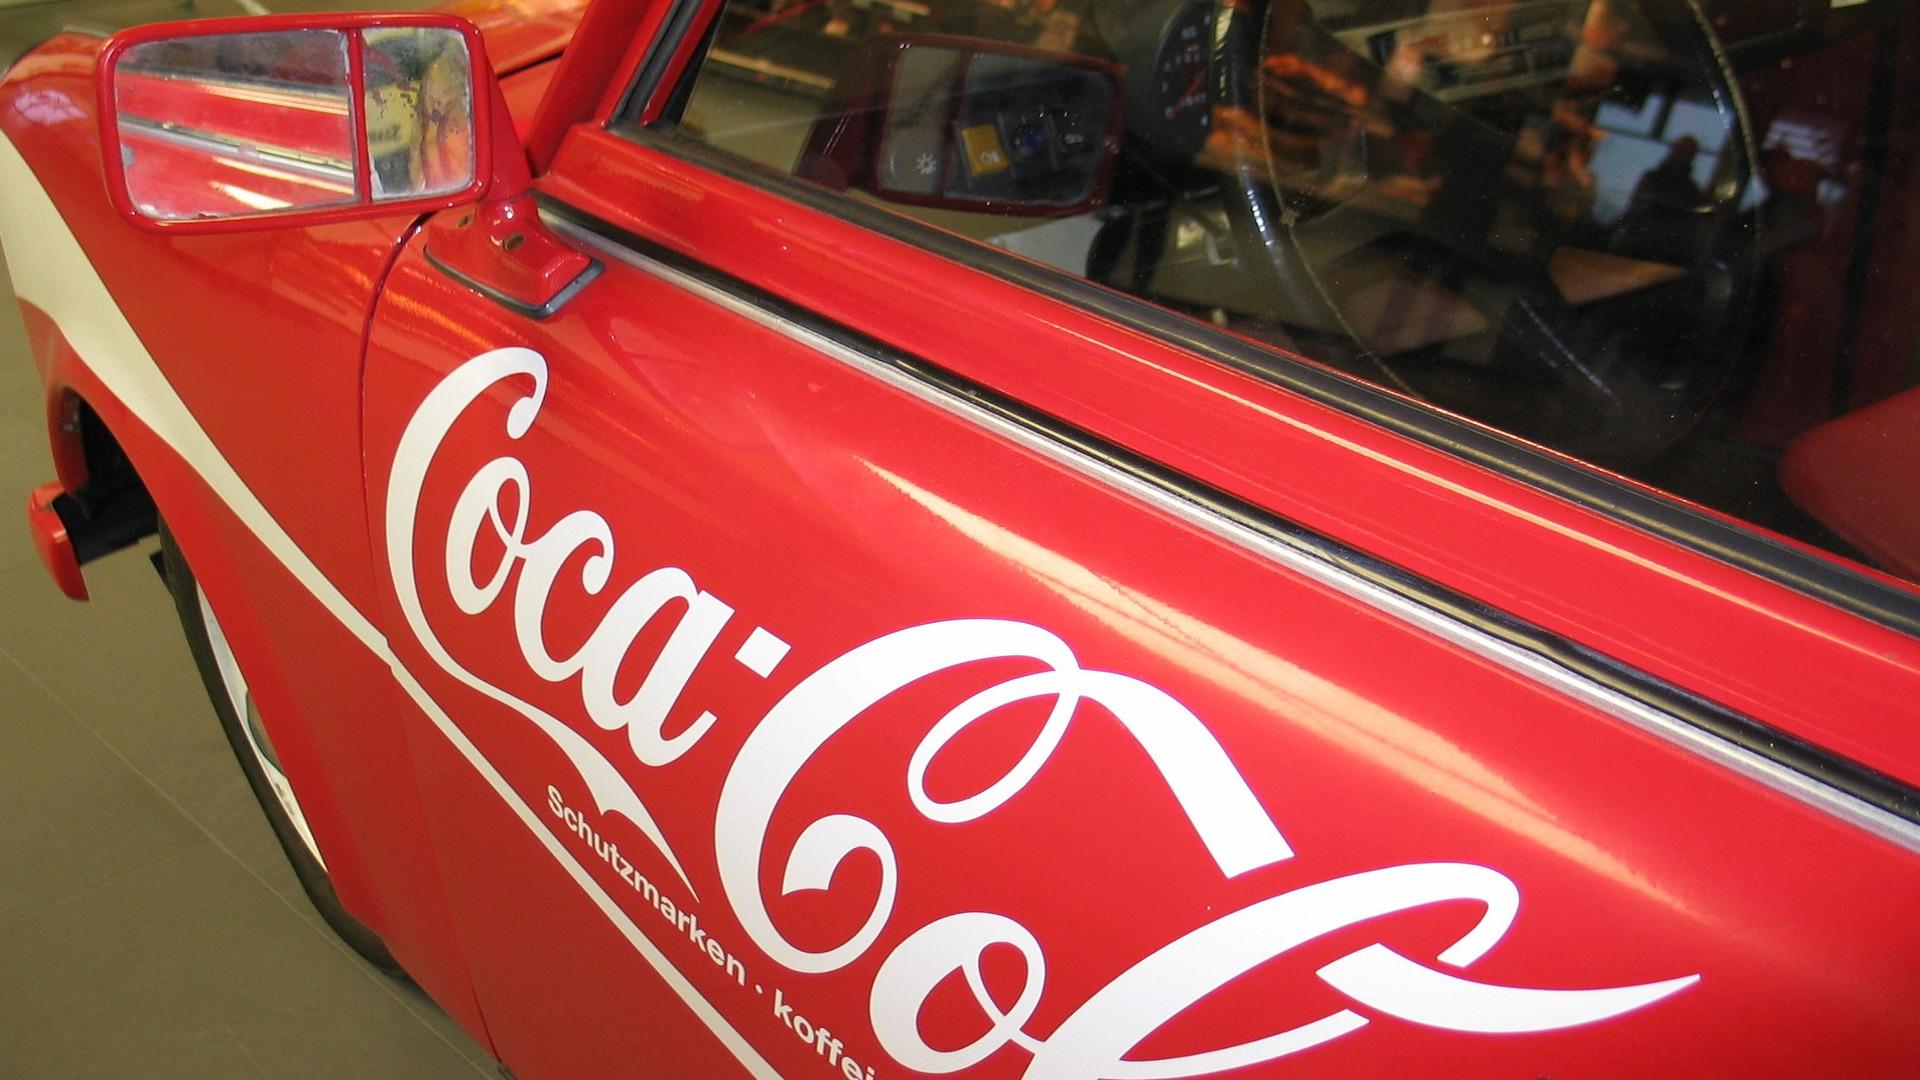 Quieres hacer publicidad en tu coche1920